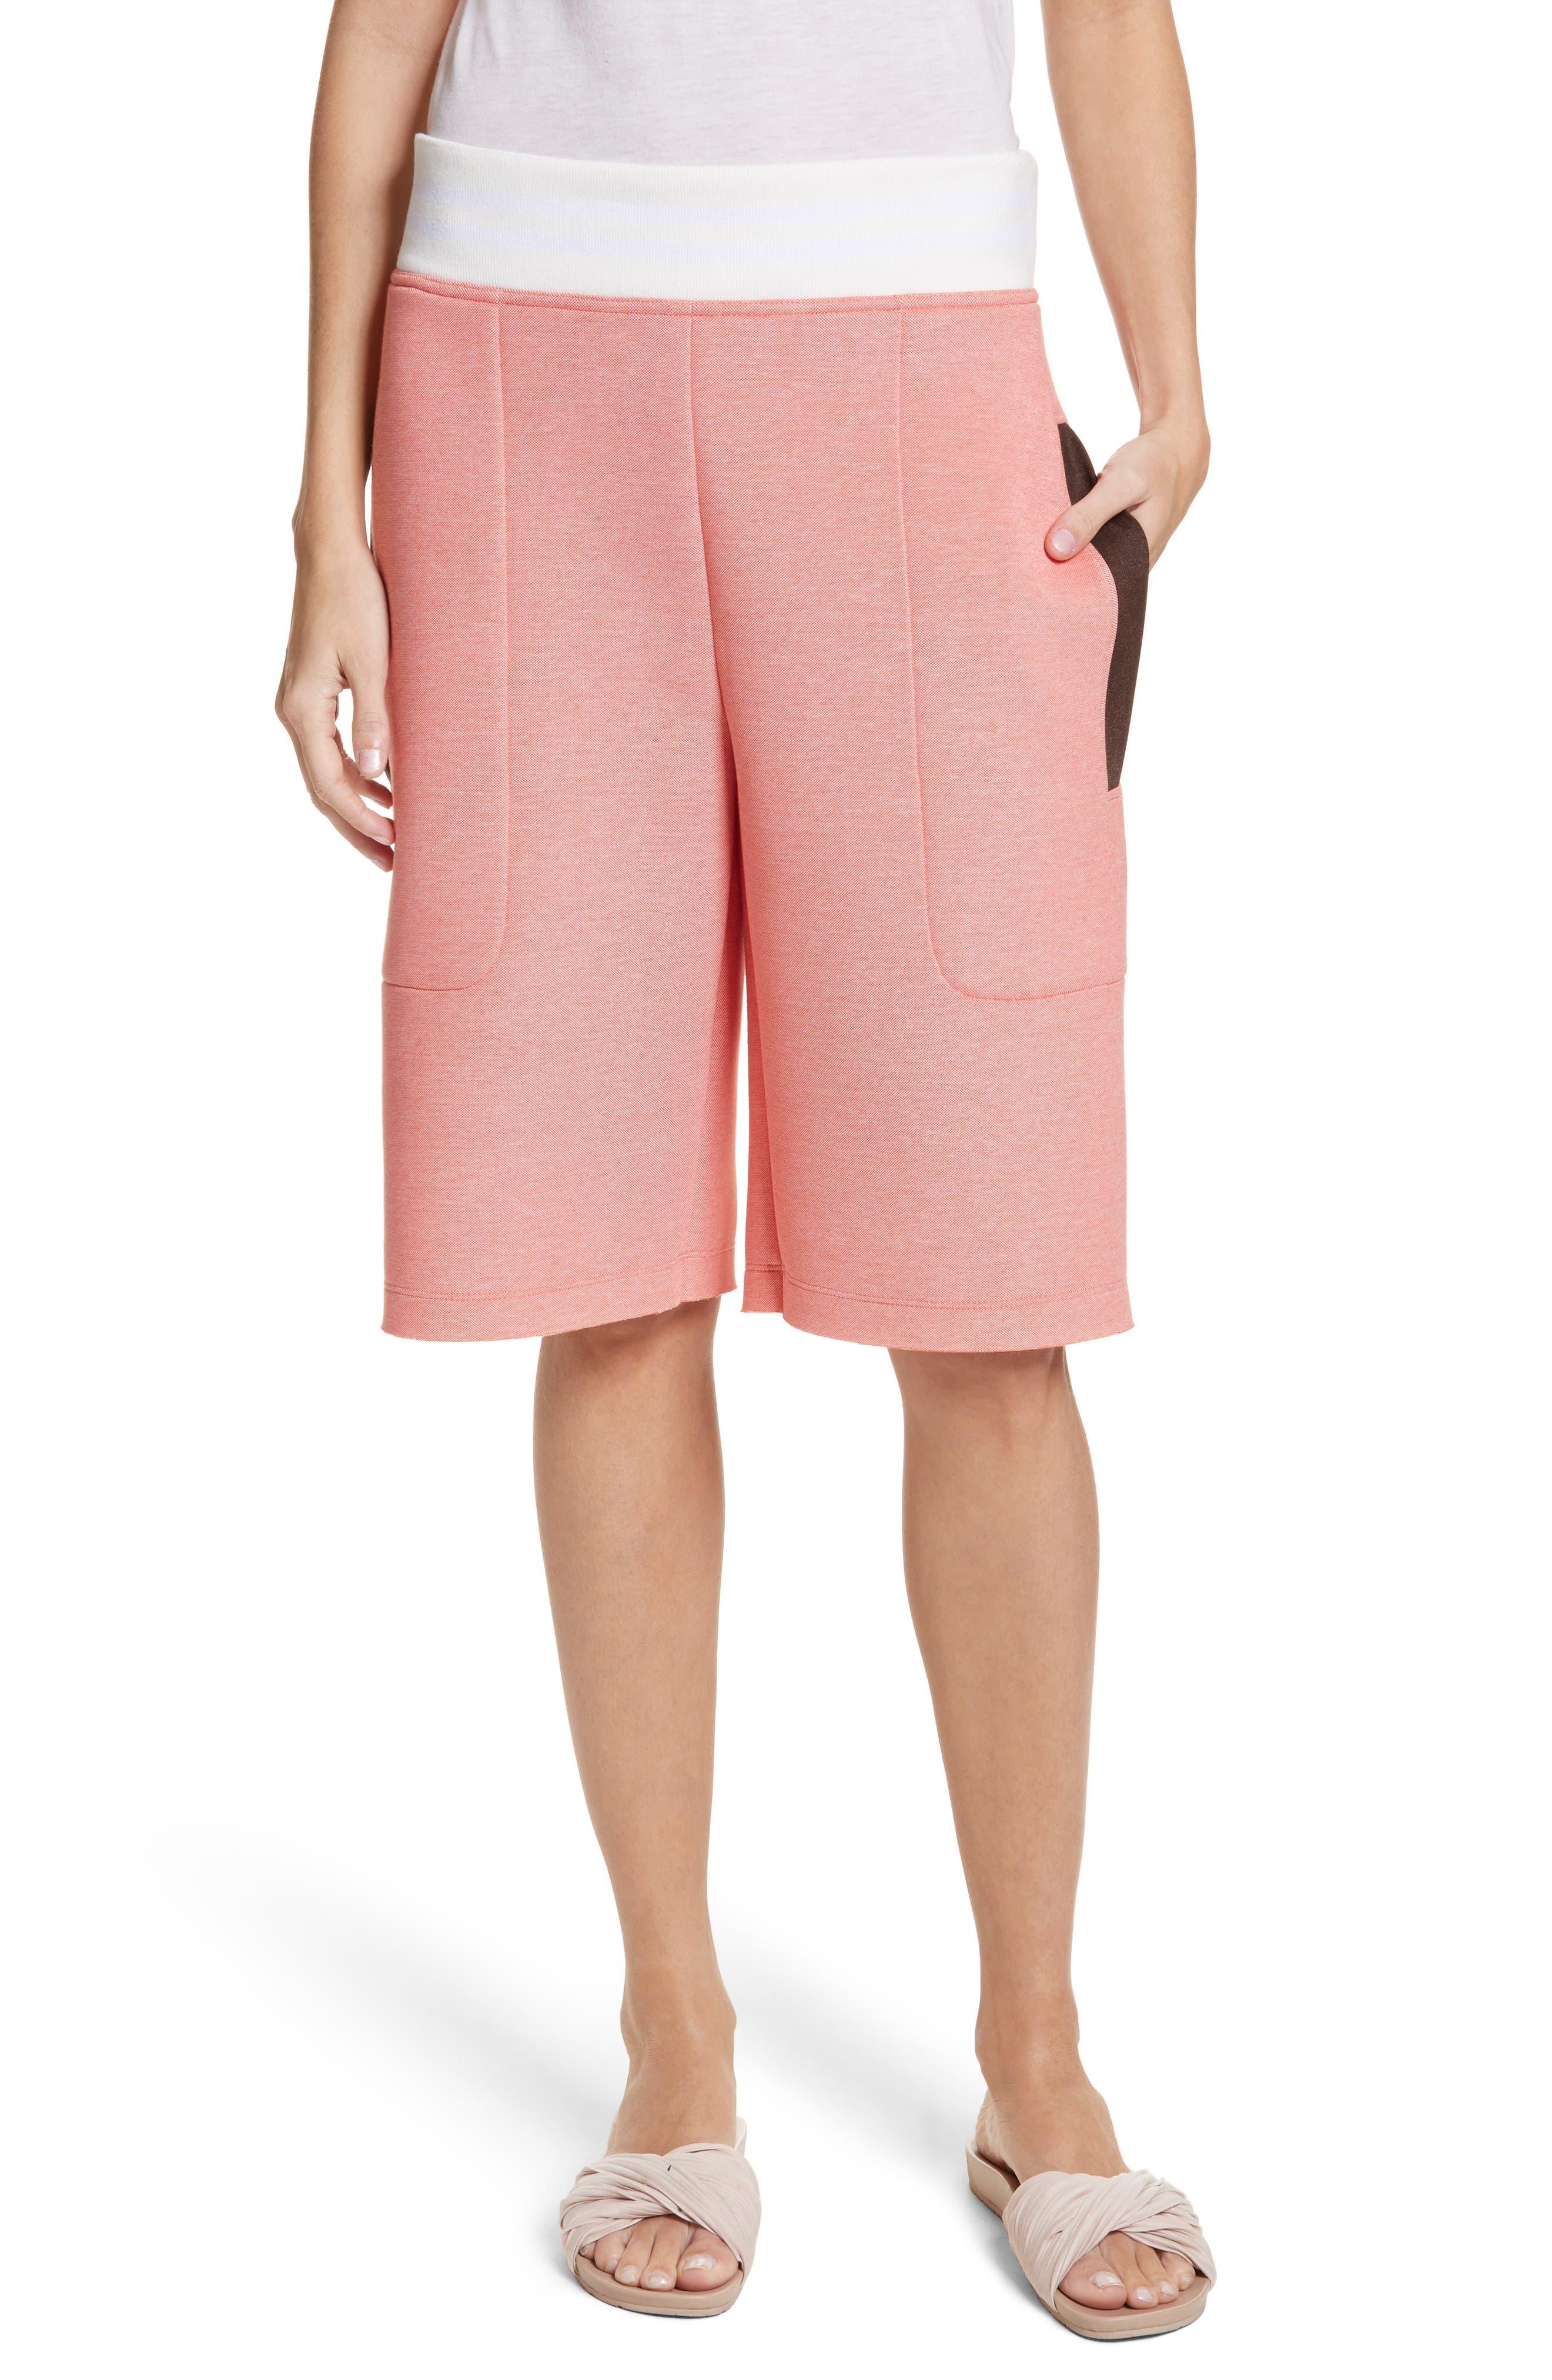 Tech Shorts,                             Main thumbnail 1, color,                             Coral